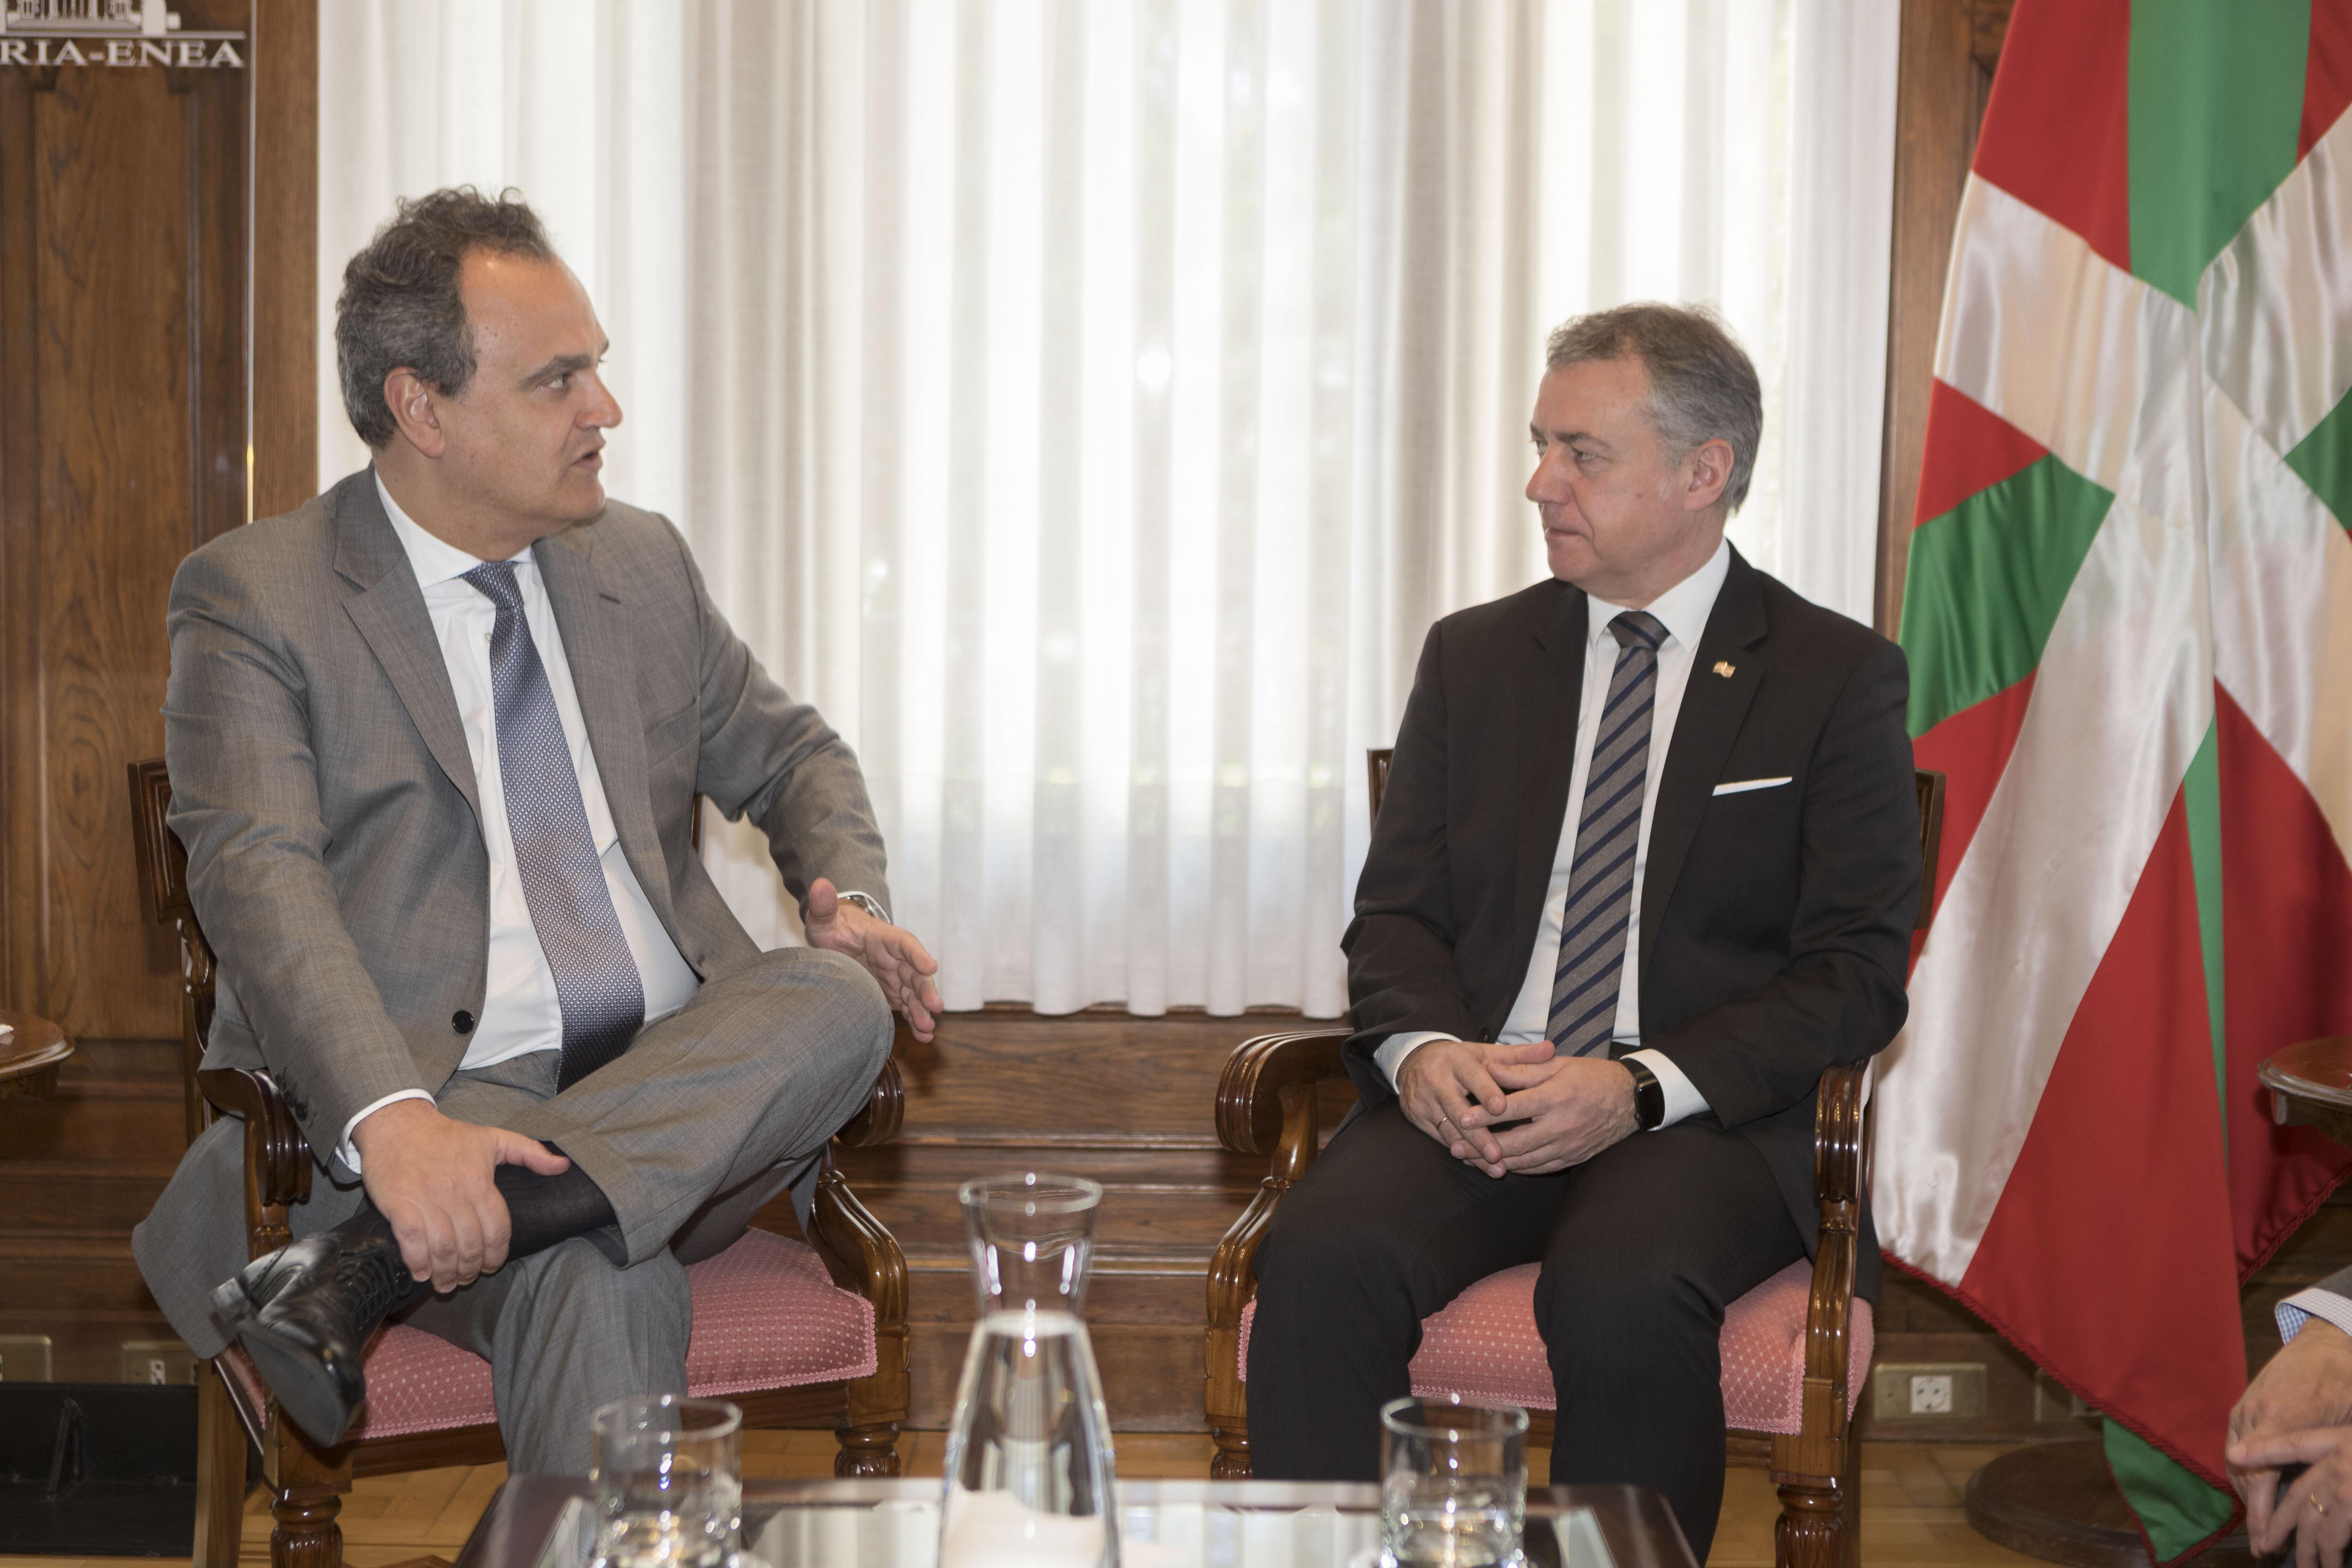 2019_05_15_lhk_embajador_portugal_07.jpg